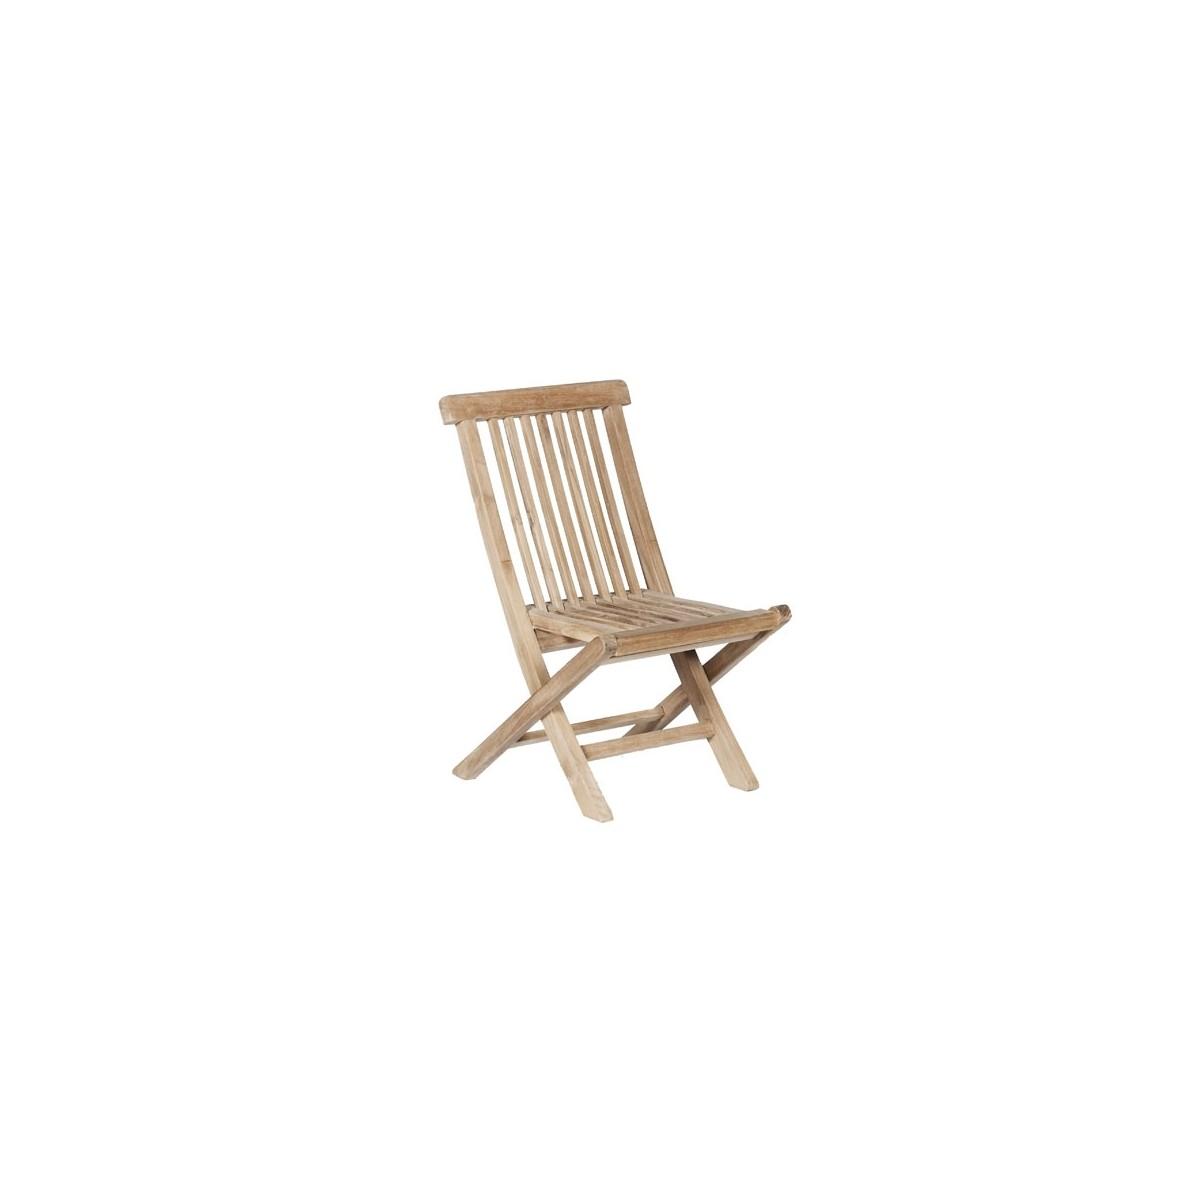 chaise de jardin enfant en bois de teck midland bois. Black Bedroom Furniture Sets. Home Design Ideas